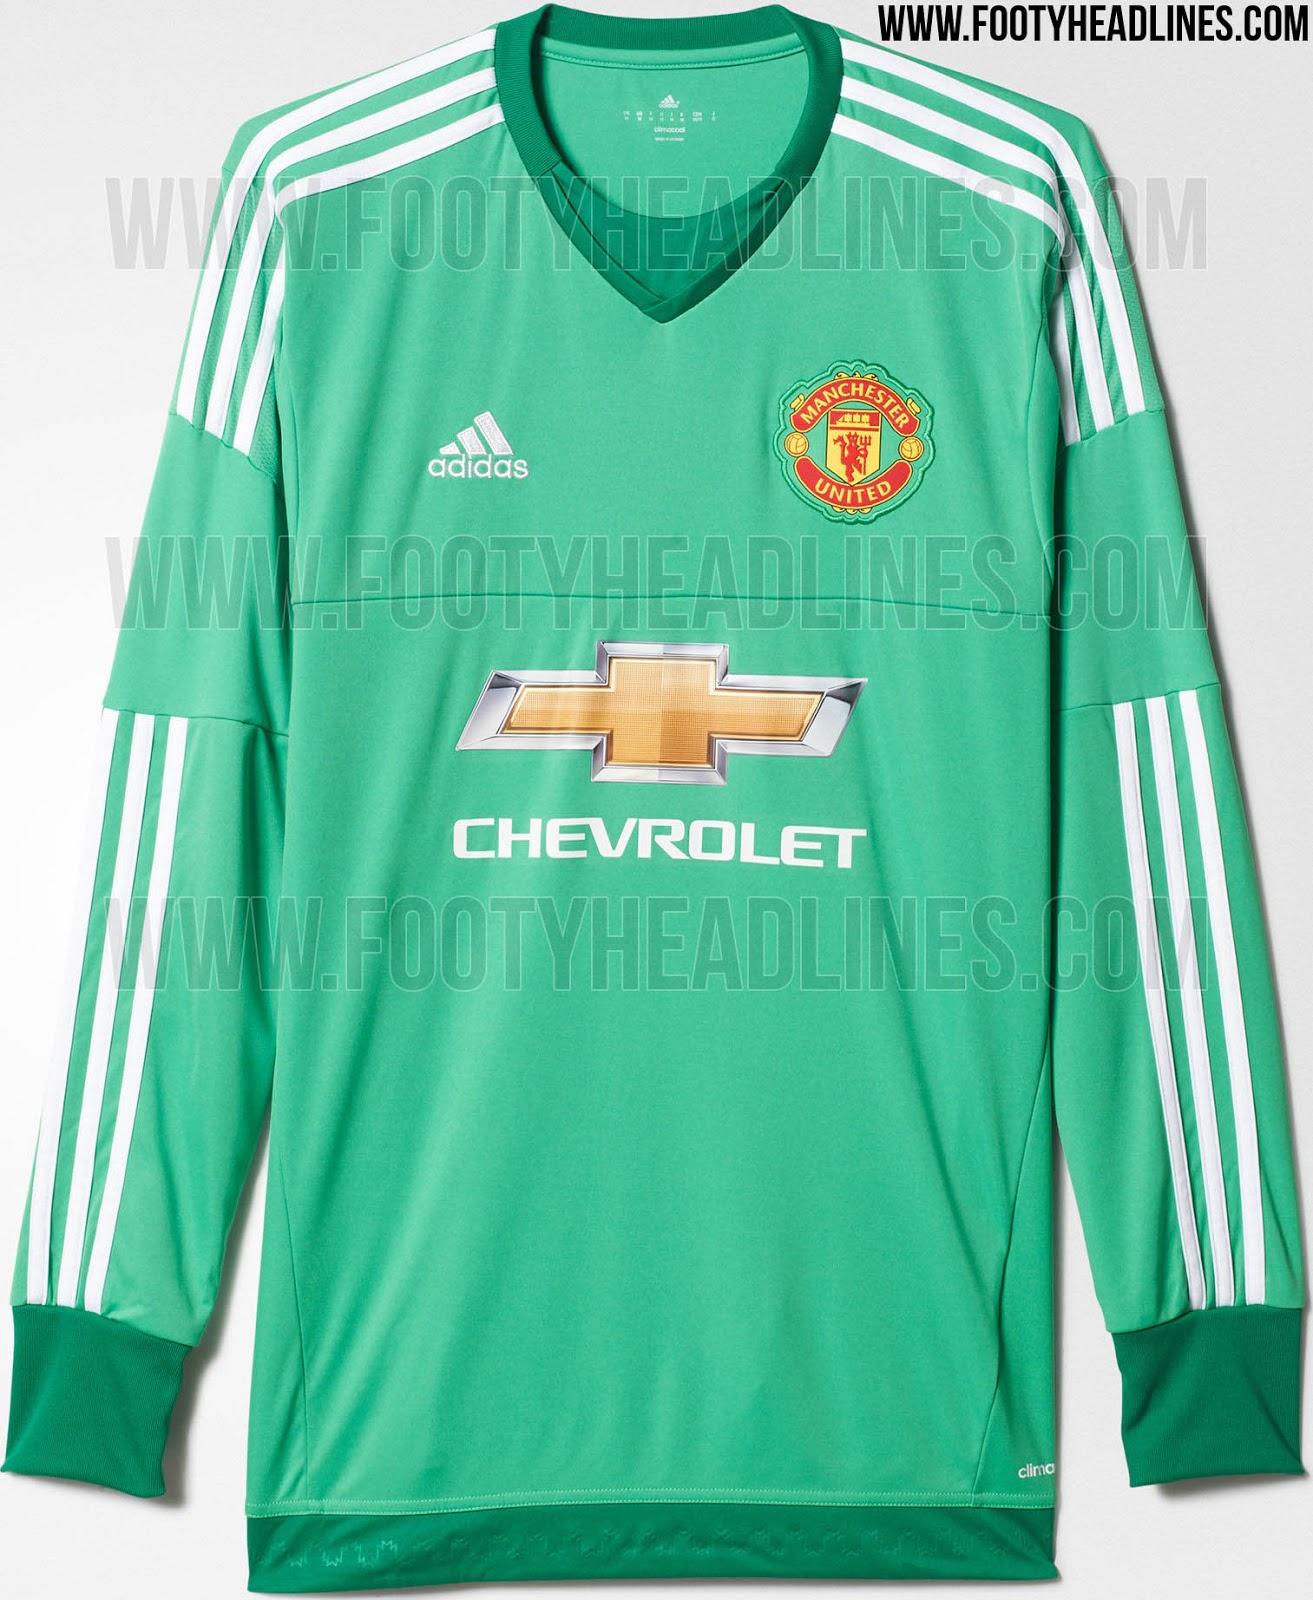 adidas-manchester-united-15-16-goalkeepe